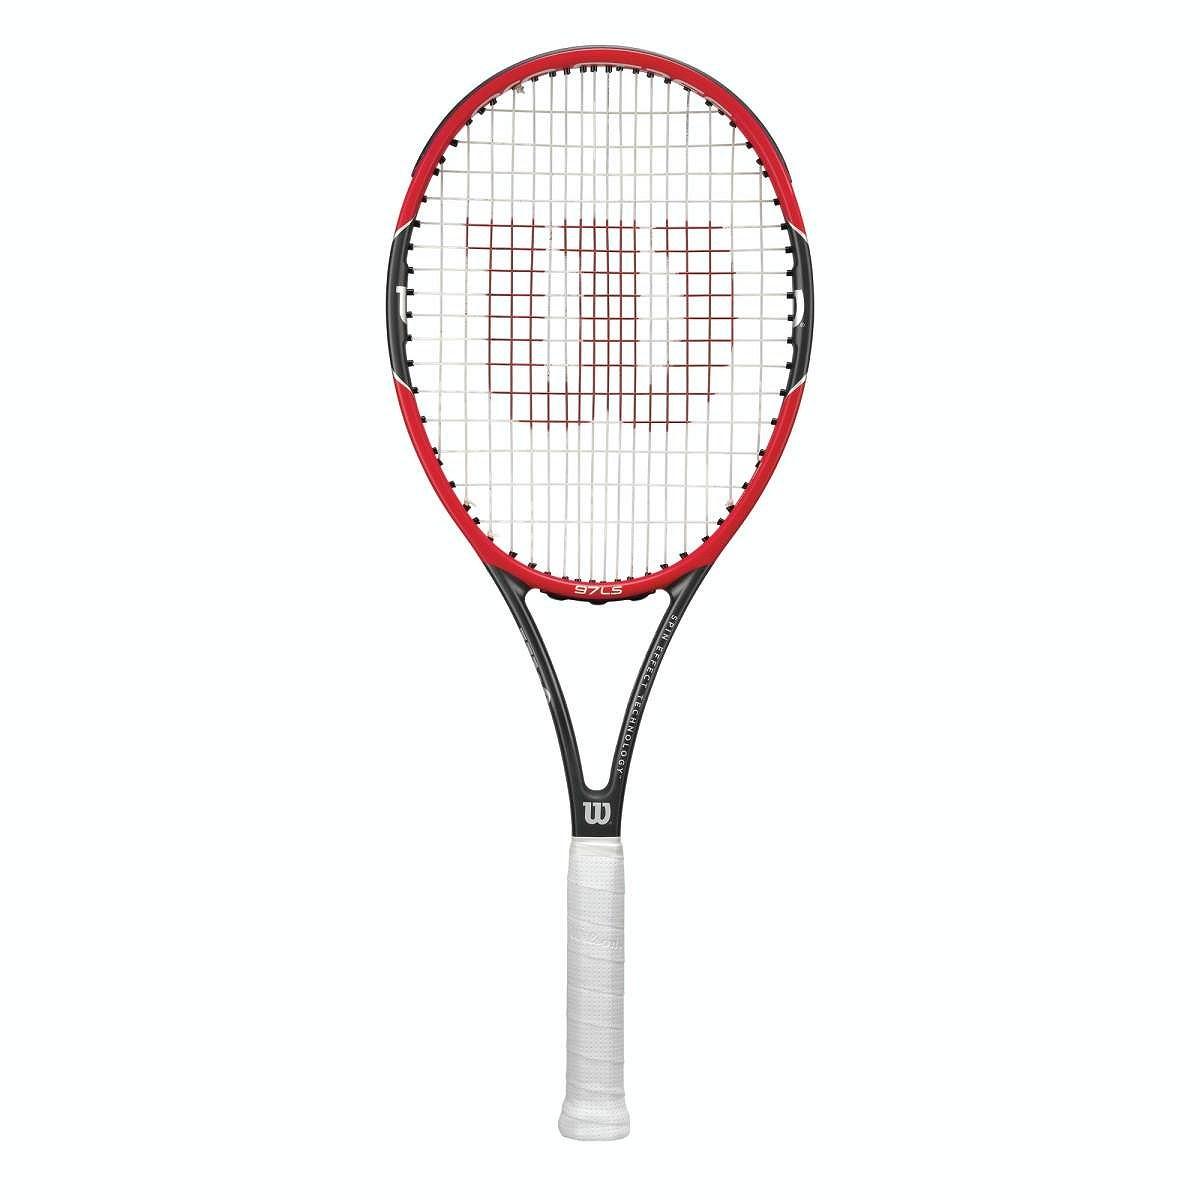 Rakieta tenisowa Wilson Pro Staff 97LS - Wyprzedaż!